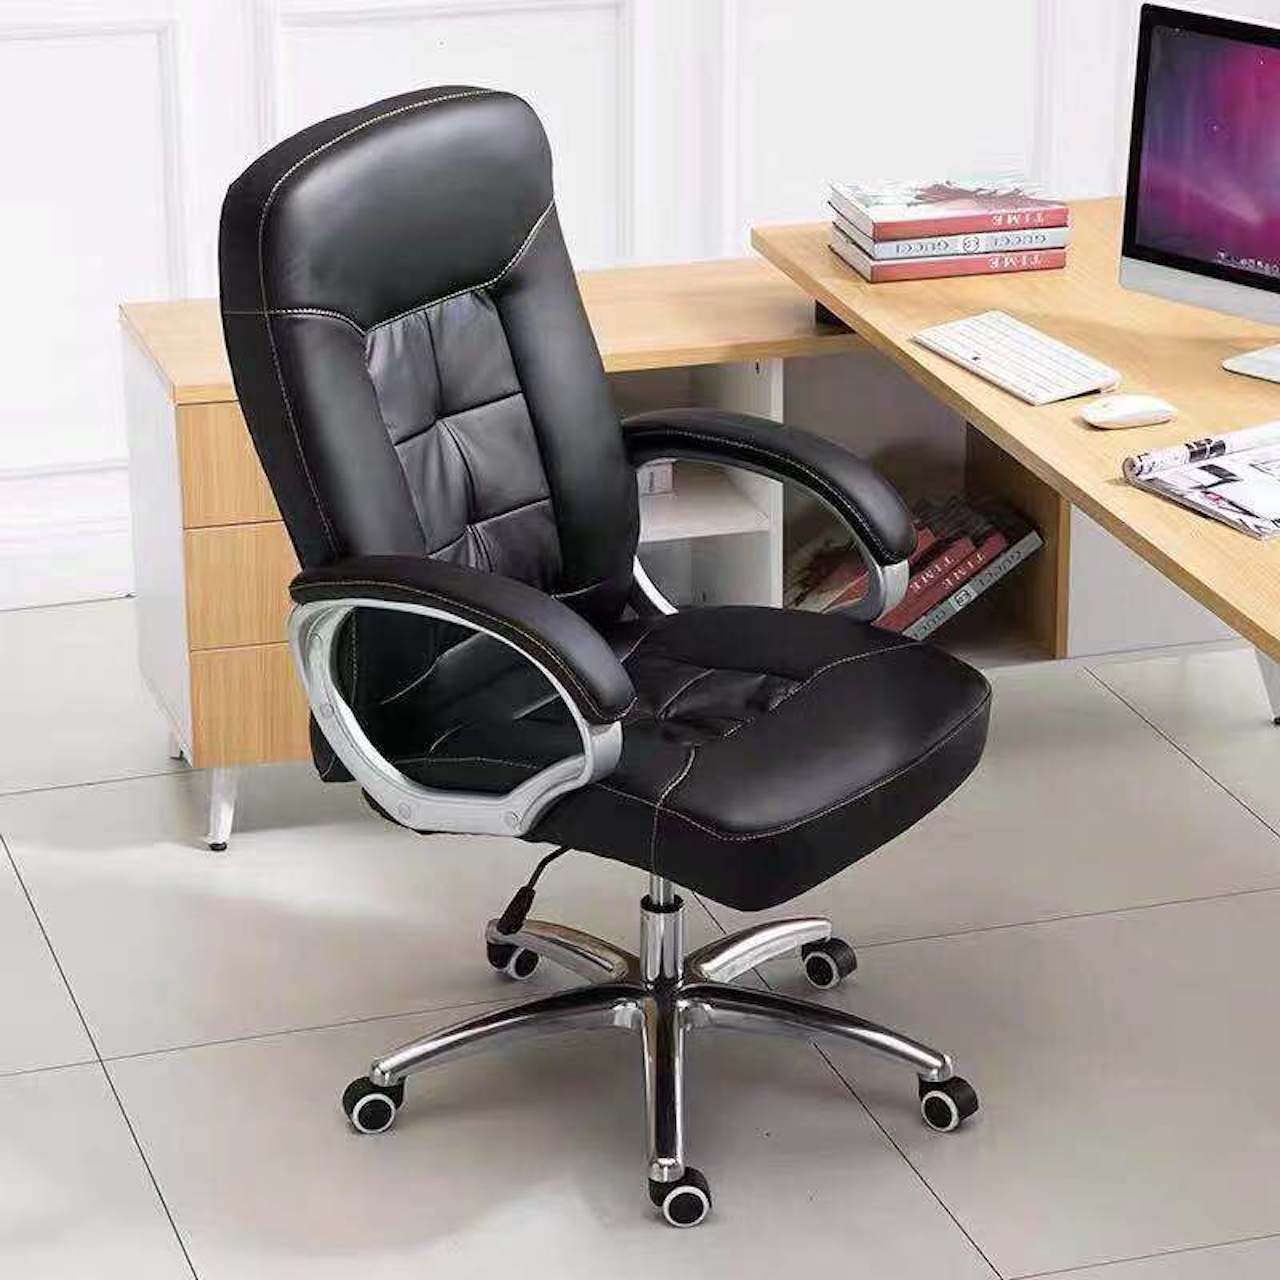 Ghế xoay văn phòng nhập khẩu DA002-U1 (ĐEN)